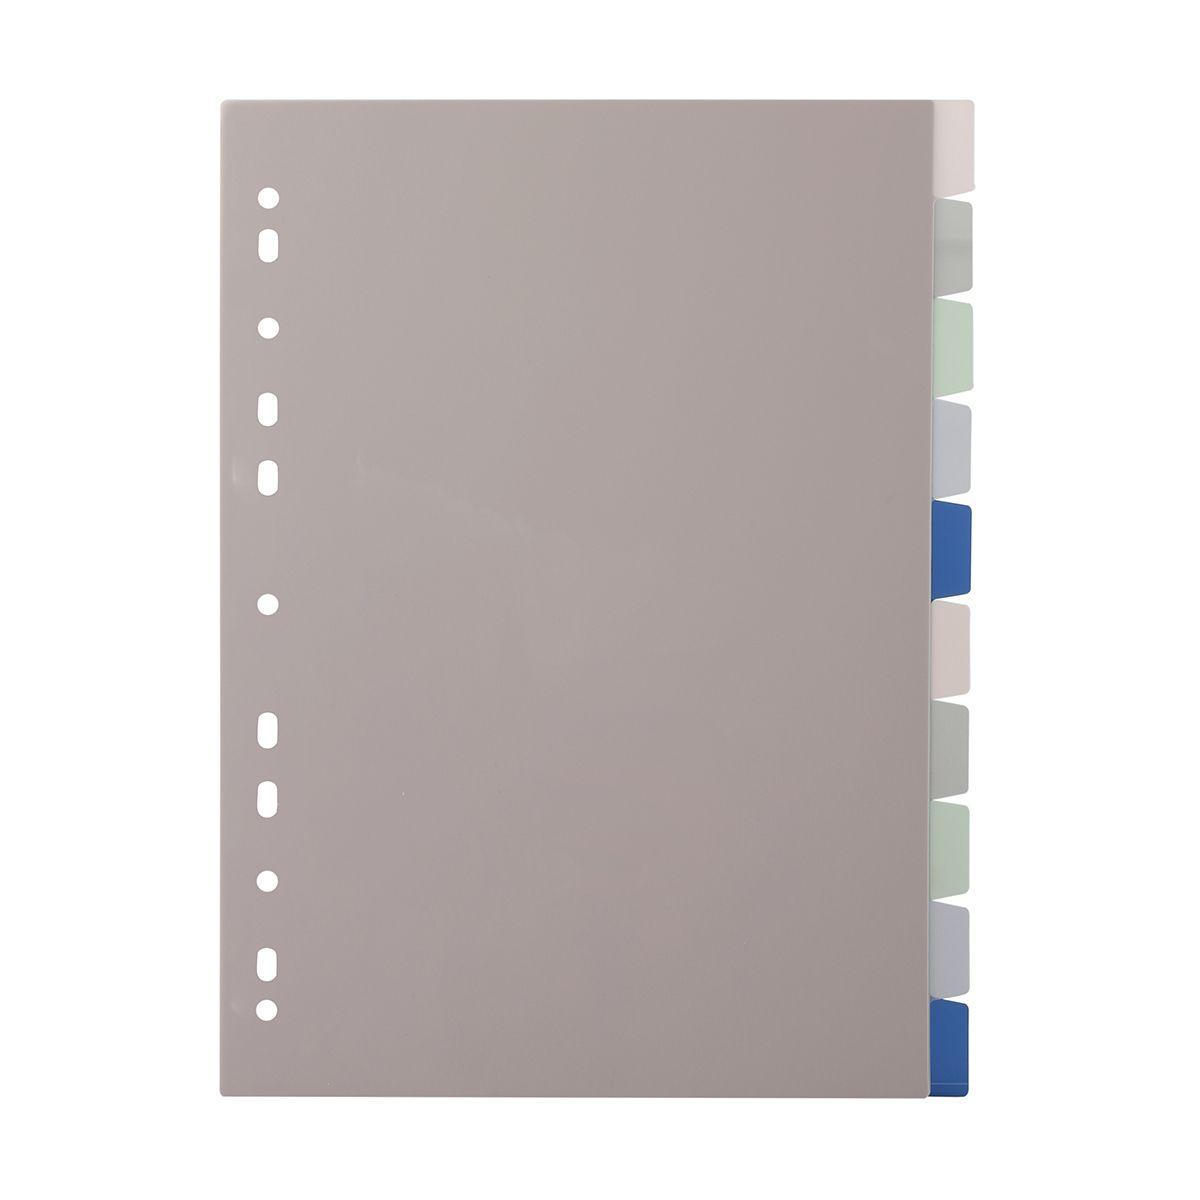 Plastic Divider 10 Tabs Kmart Binder Folder Divider Ring Binder Folders